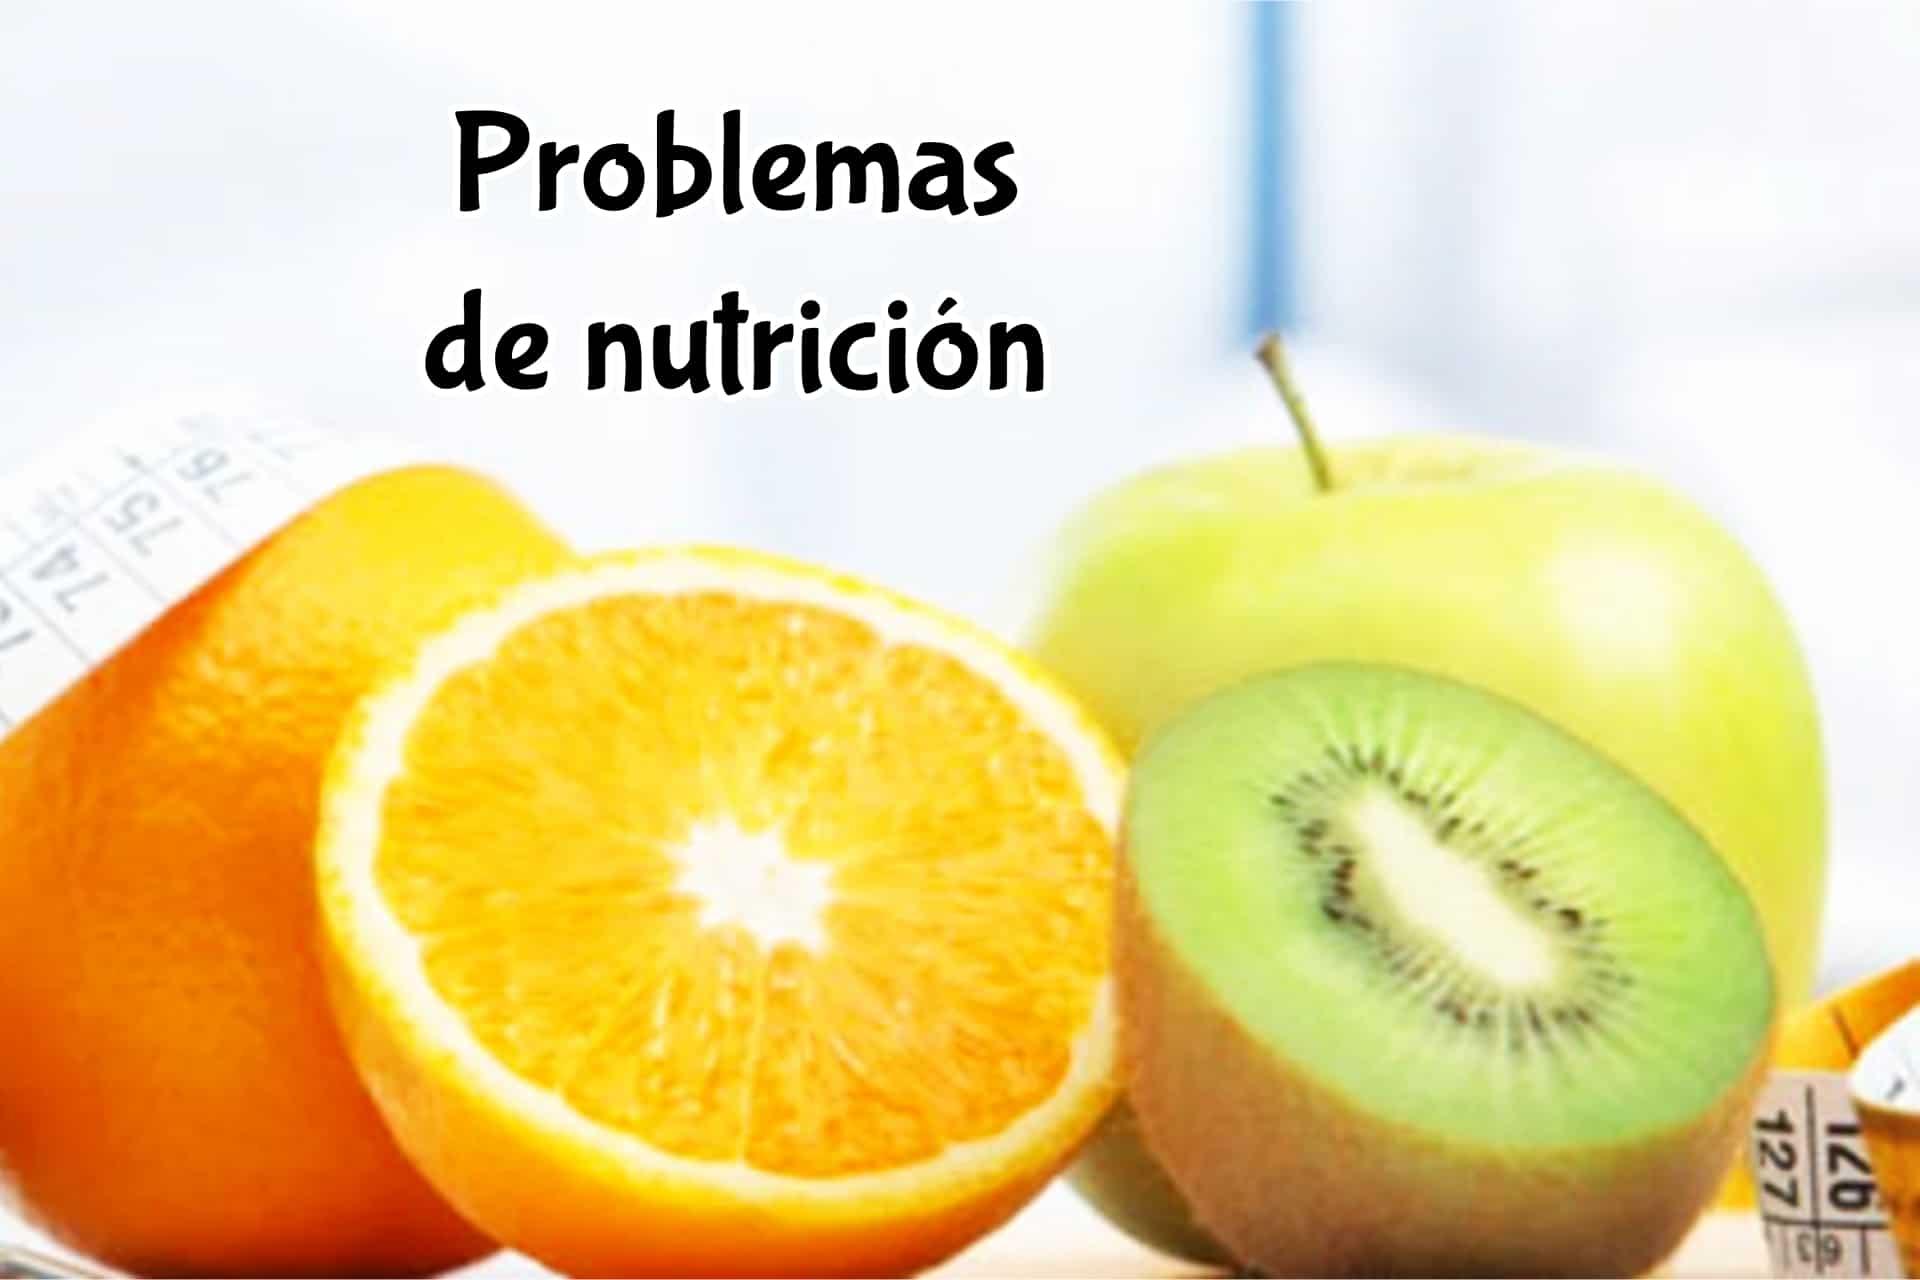 Problemas de nutrición